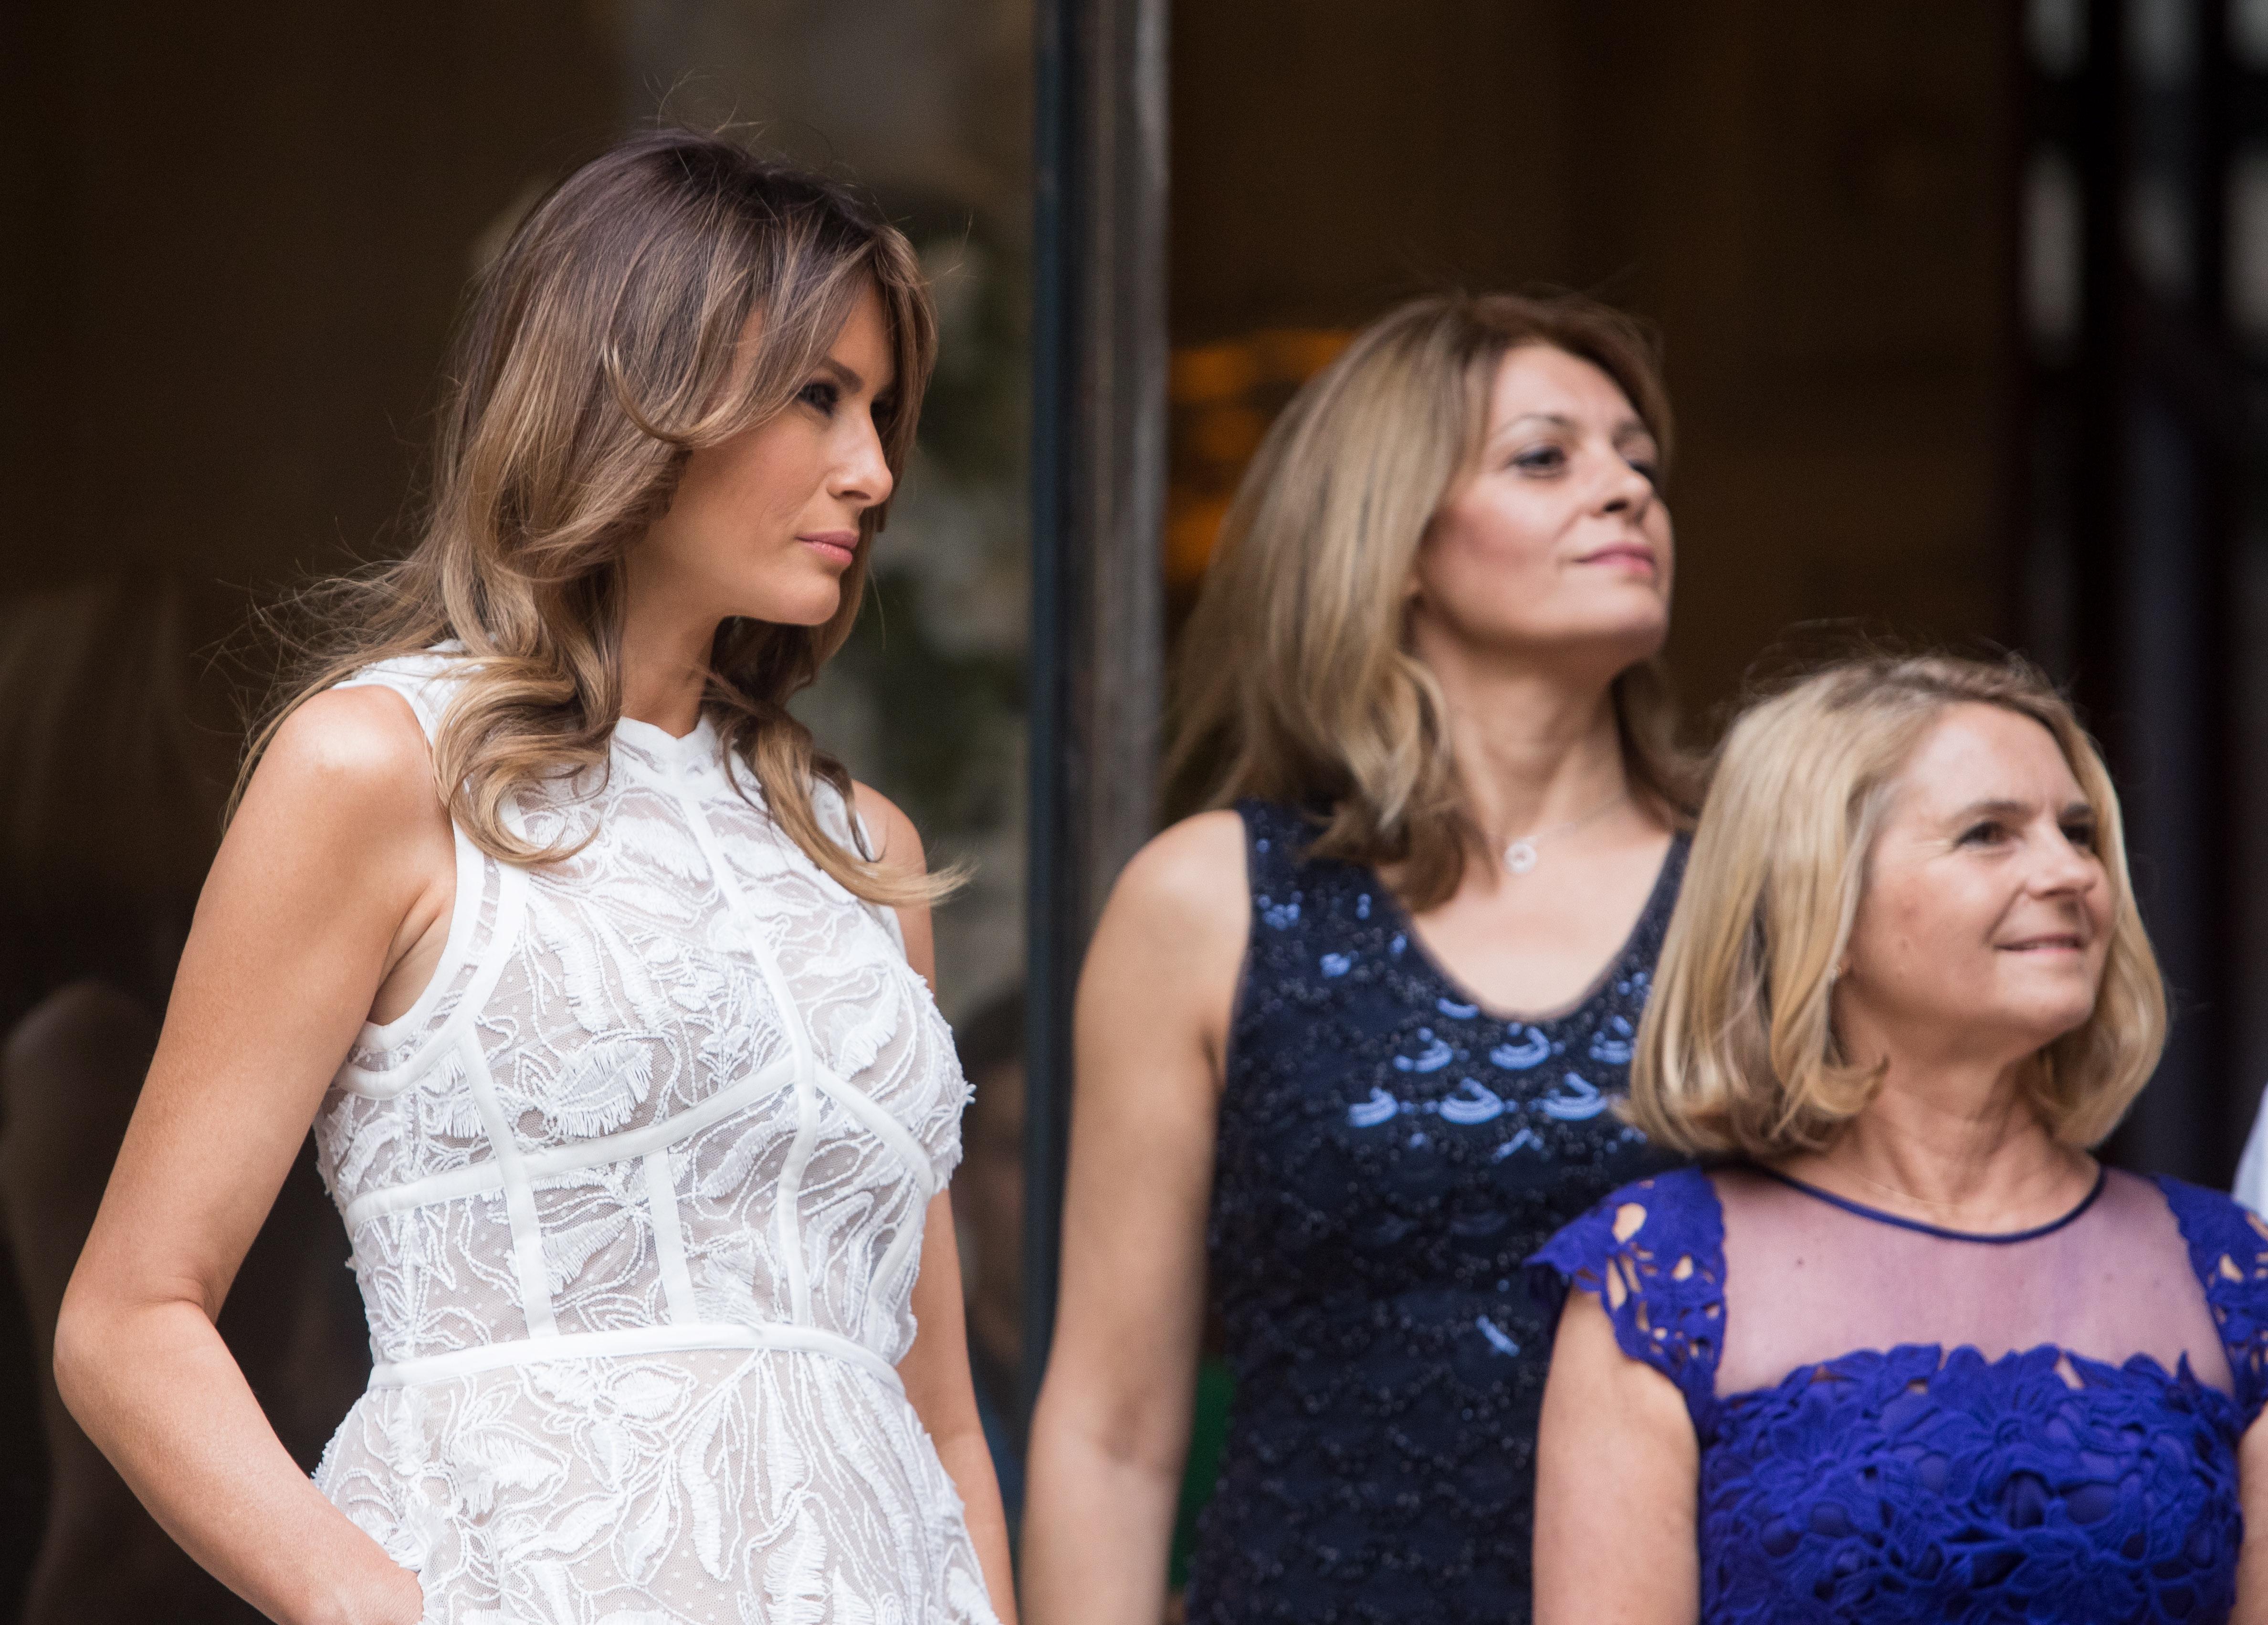 """Поставяйки настрана политическите различия, Мелания Тръмп, Брижит Макрон, Десислава Радева и други първи дами застанаха рамо до рамо на """"модния фронт"""" по време на срещата на високо равнище наНАТО в Брюксел, Белгия."""